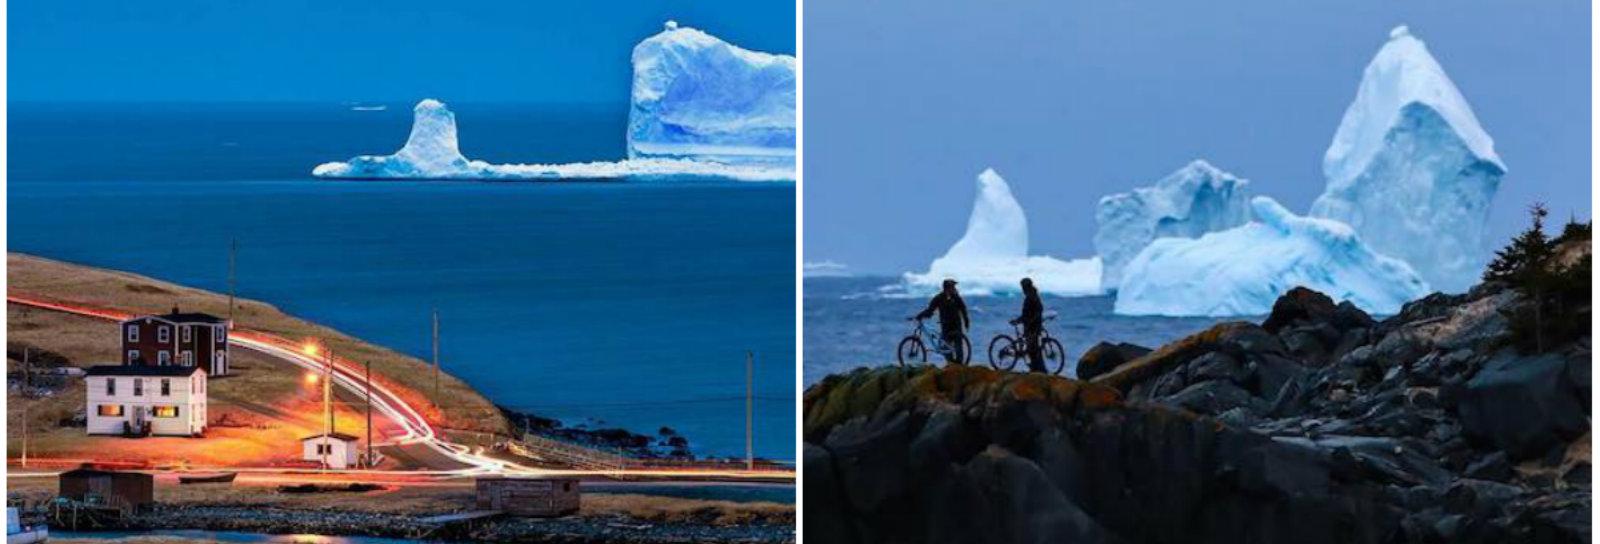 Icebergue com mais de 45 metros de altura aparece em uma vila canadense